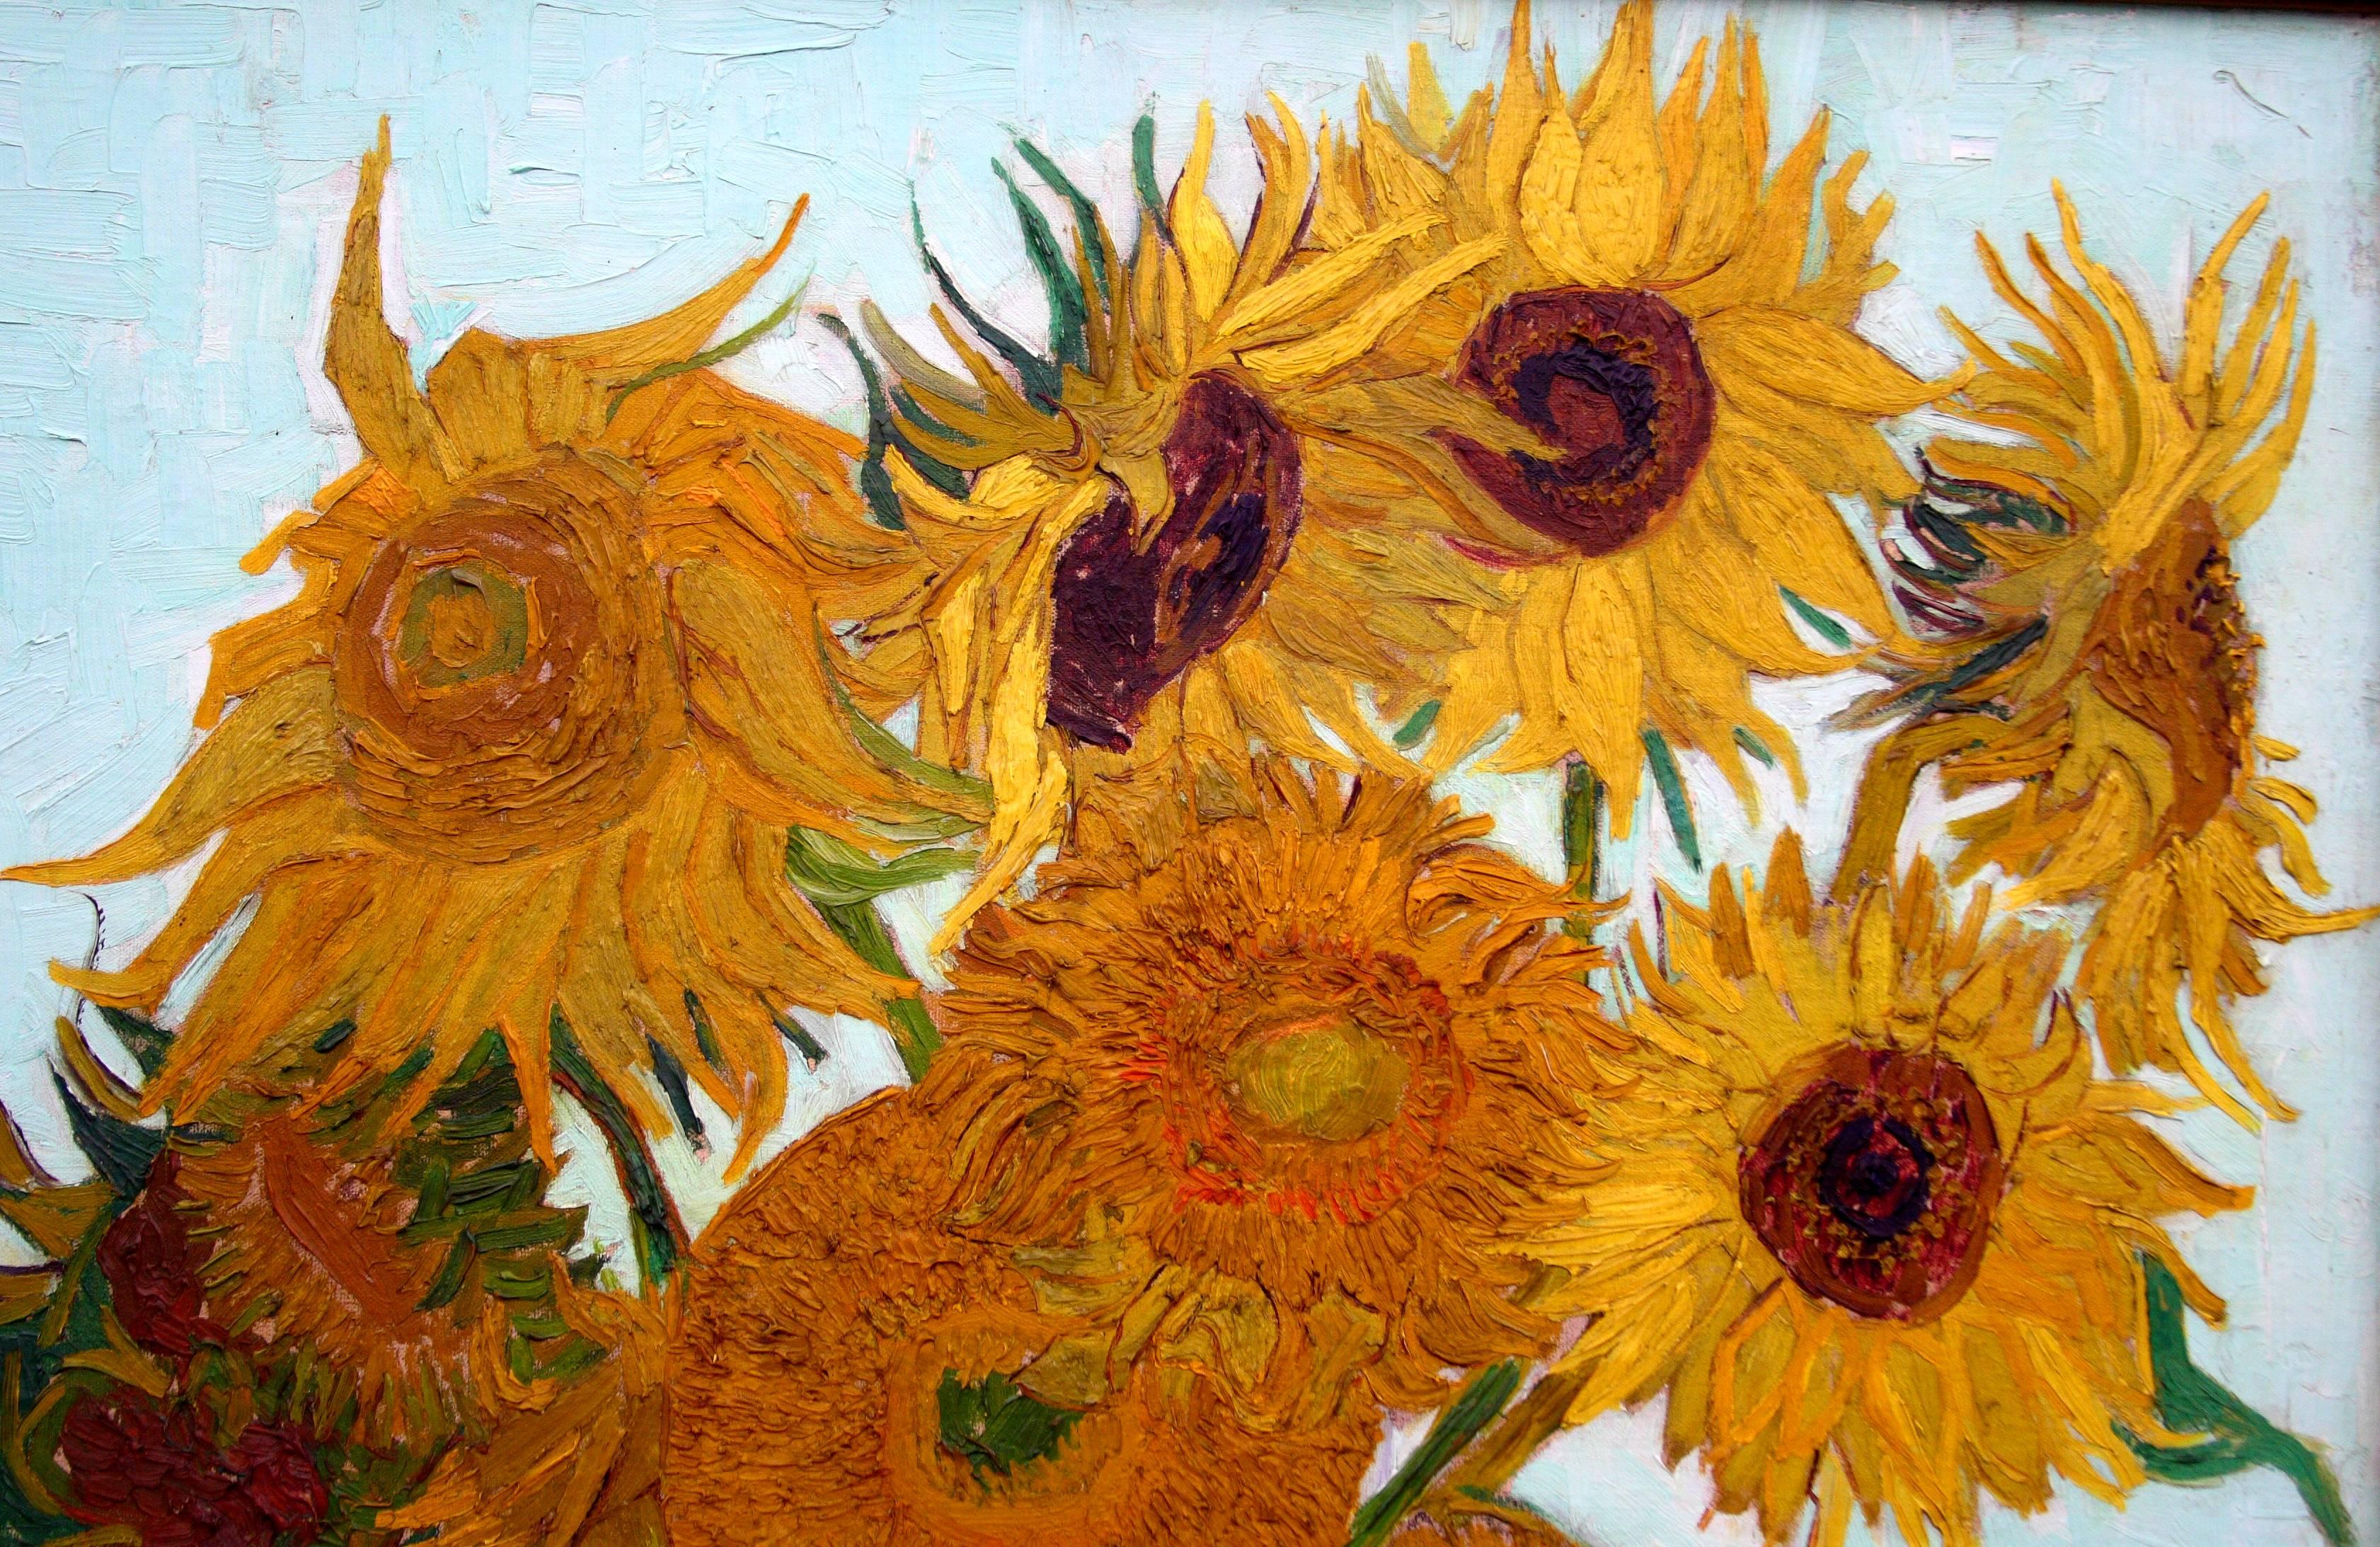 Van gogh sunflowers wallpapers top free van gogh sunflowers backgrounds wallpaperaccess - Hd wallpaper van gogh ...